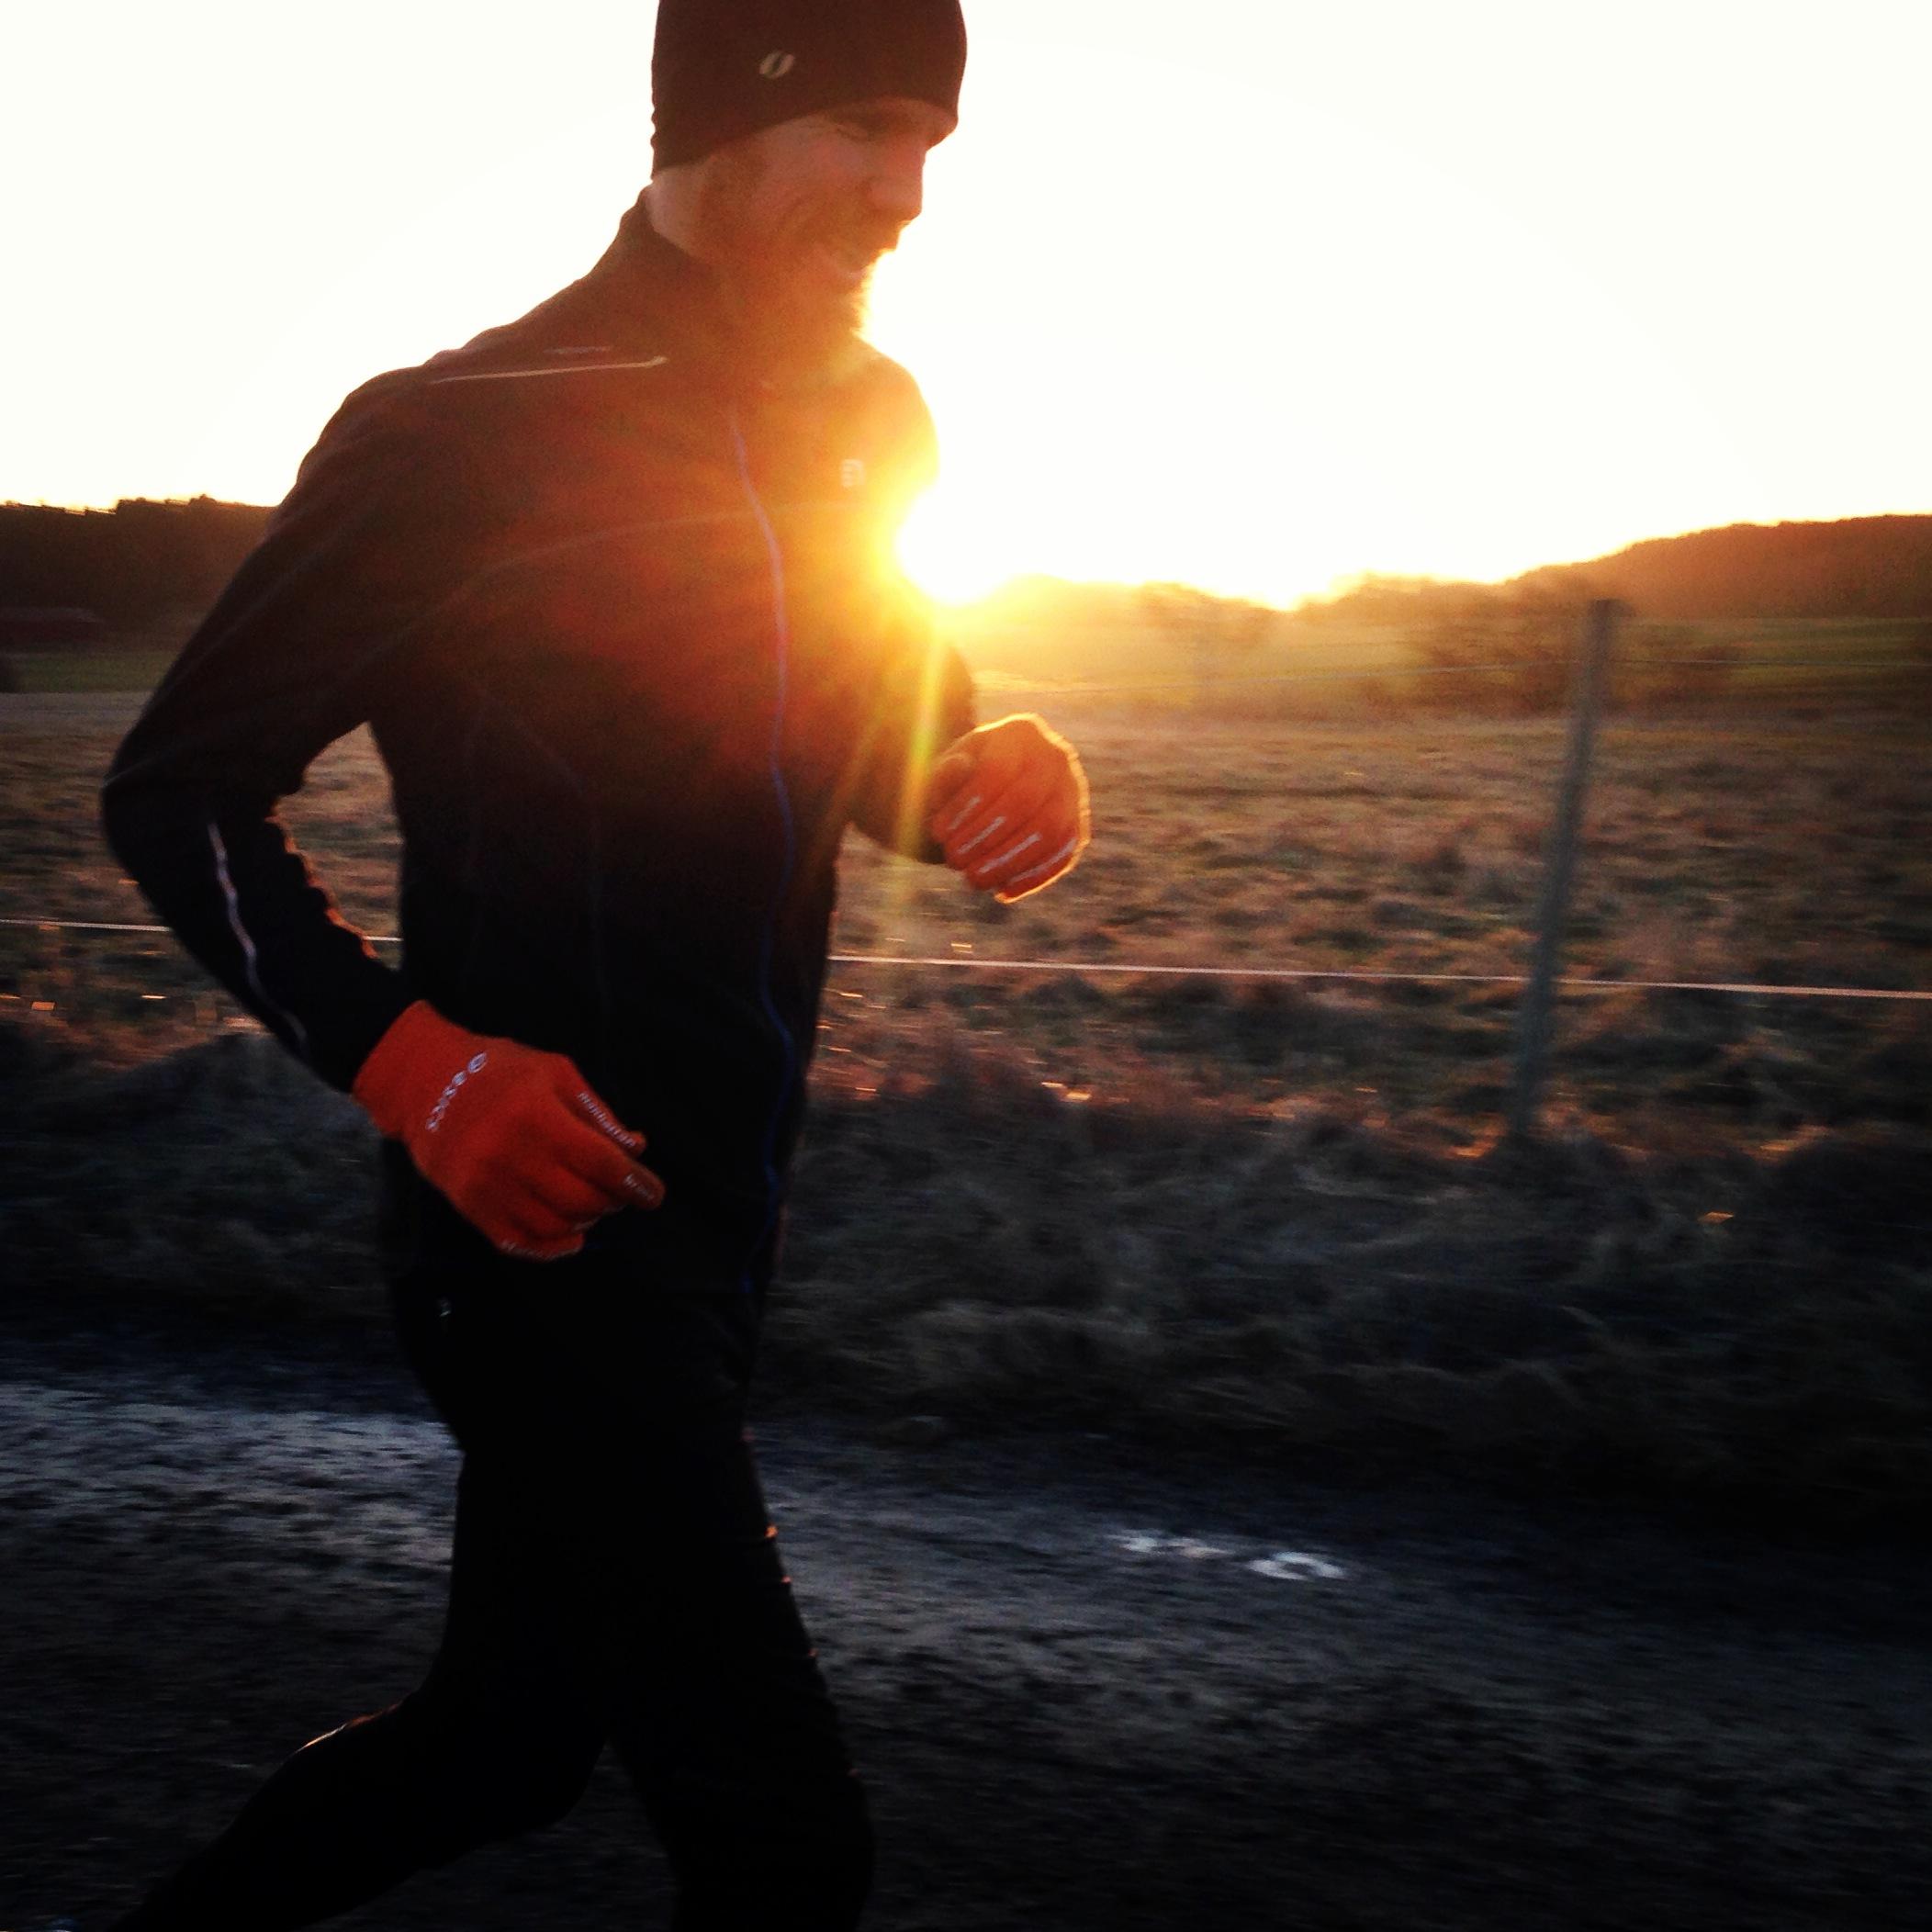 Johnny om varför - Jag har alltid idrottat men i vuxen ålder började jag springa för att jag gillade